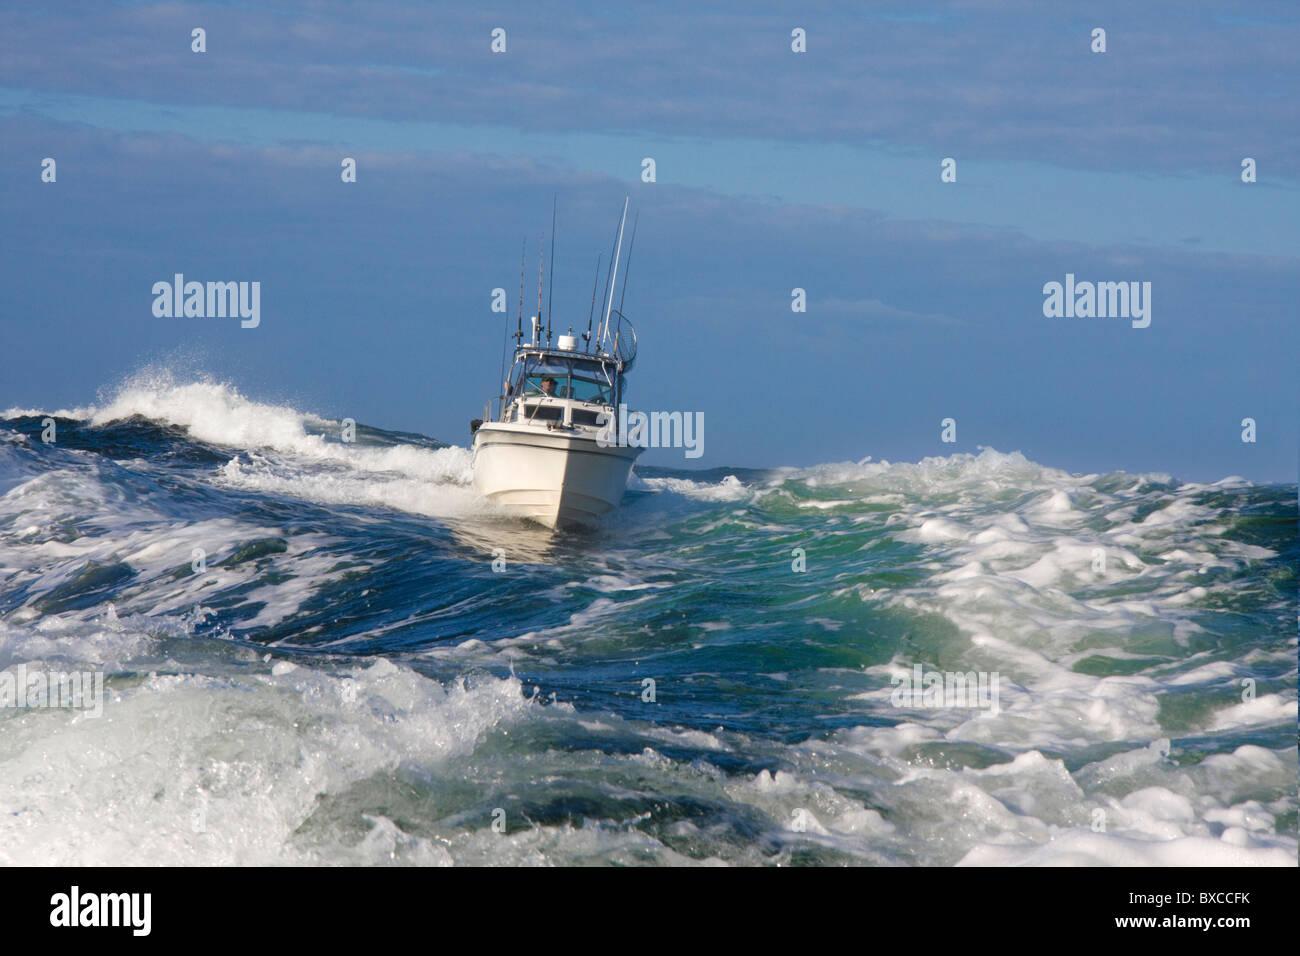 Embarcaciones de recreo Pesca Deportiva estilo barco navegando por el mar embravecido, cresterías una gran ola acercándose a la cámara en una mañana brillante. Foto de stock